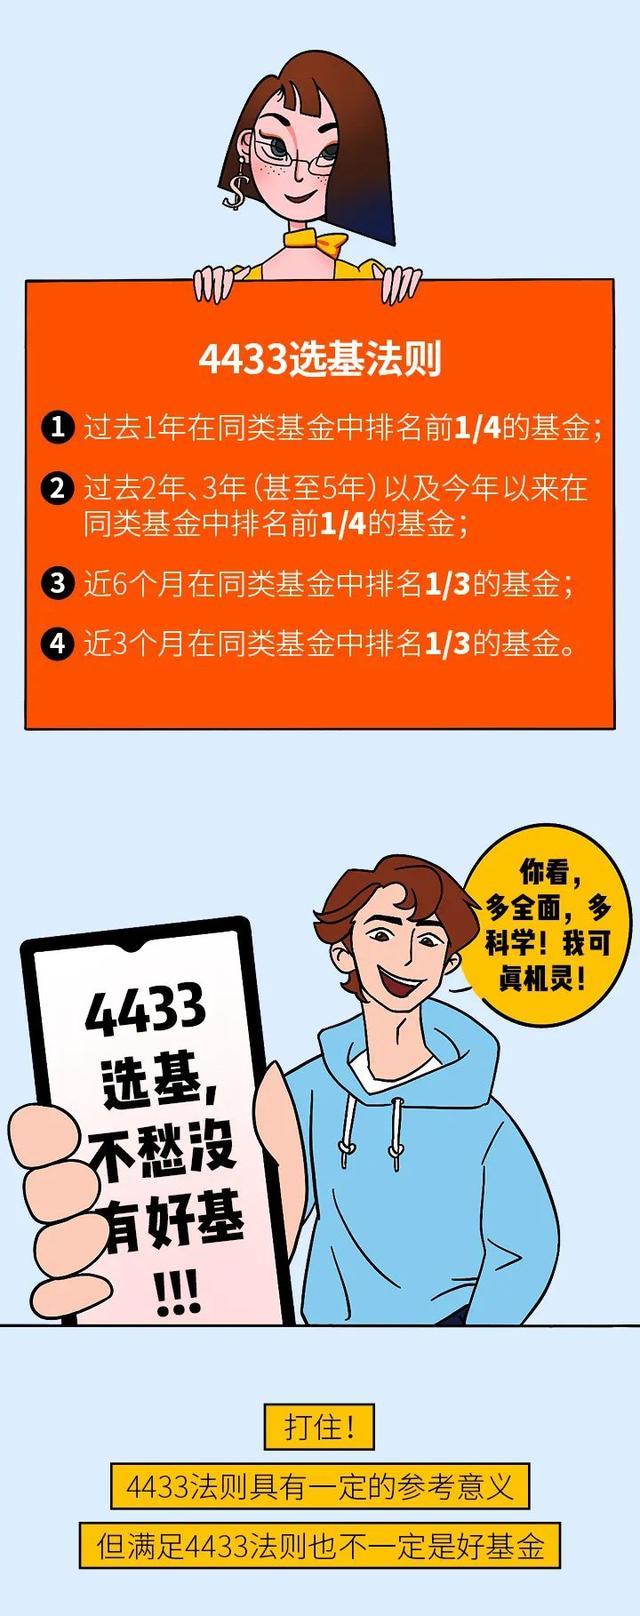 《【杏耀手机版登录地址】「图说理财」买基金就爱买榜单,我错了吗?》